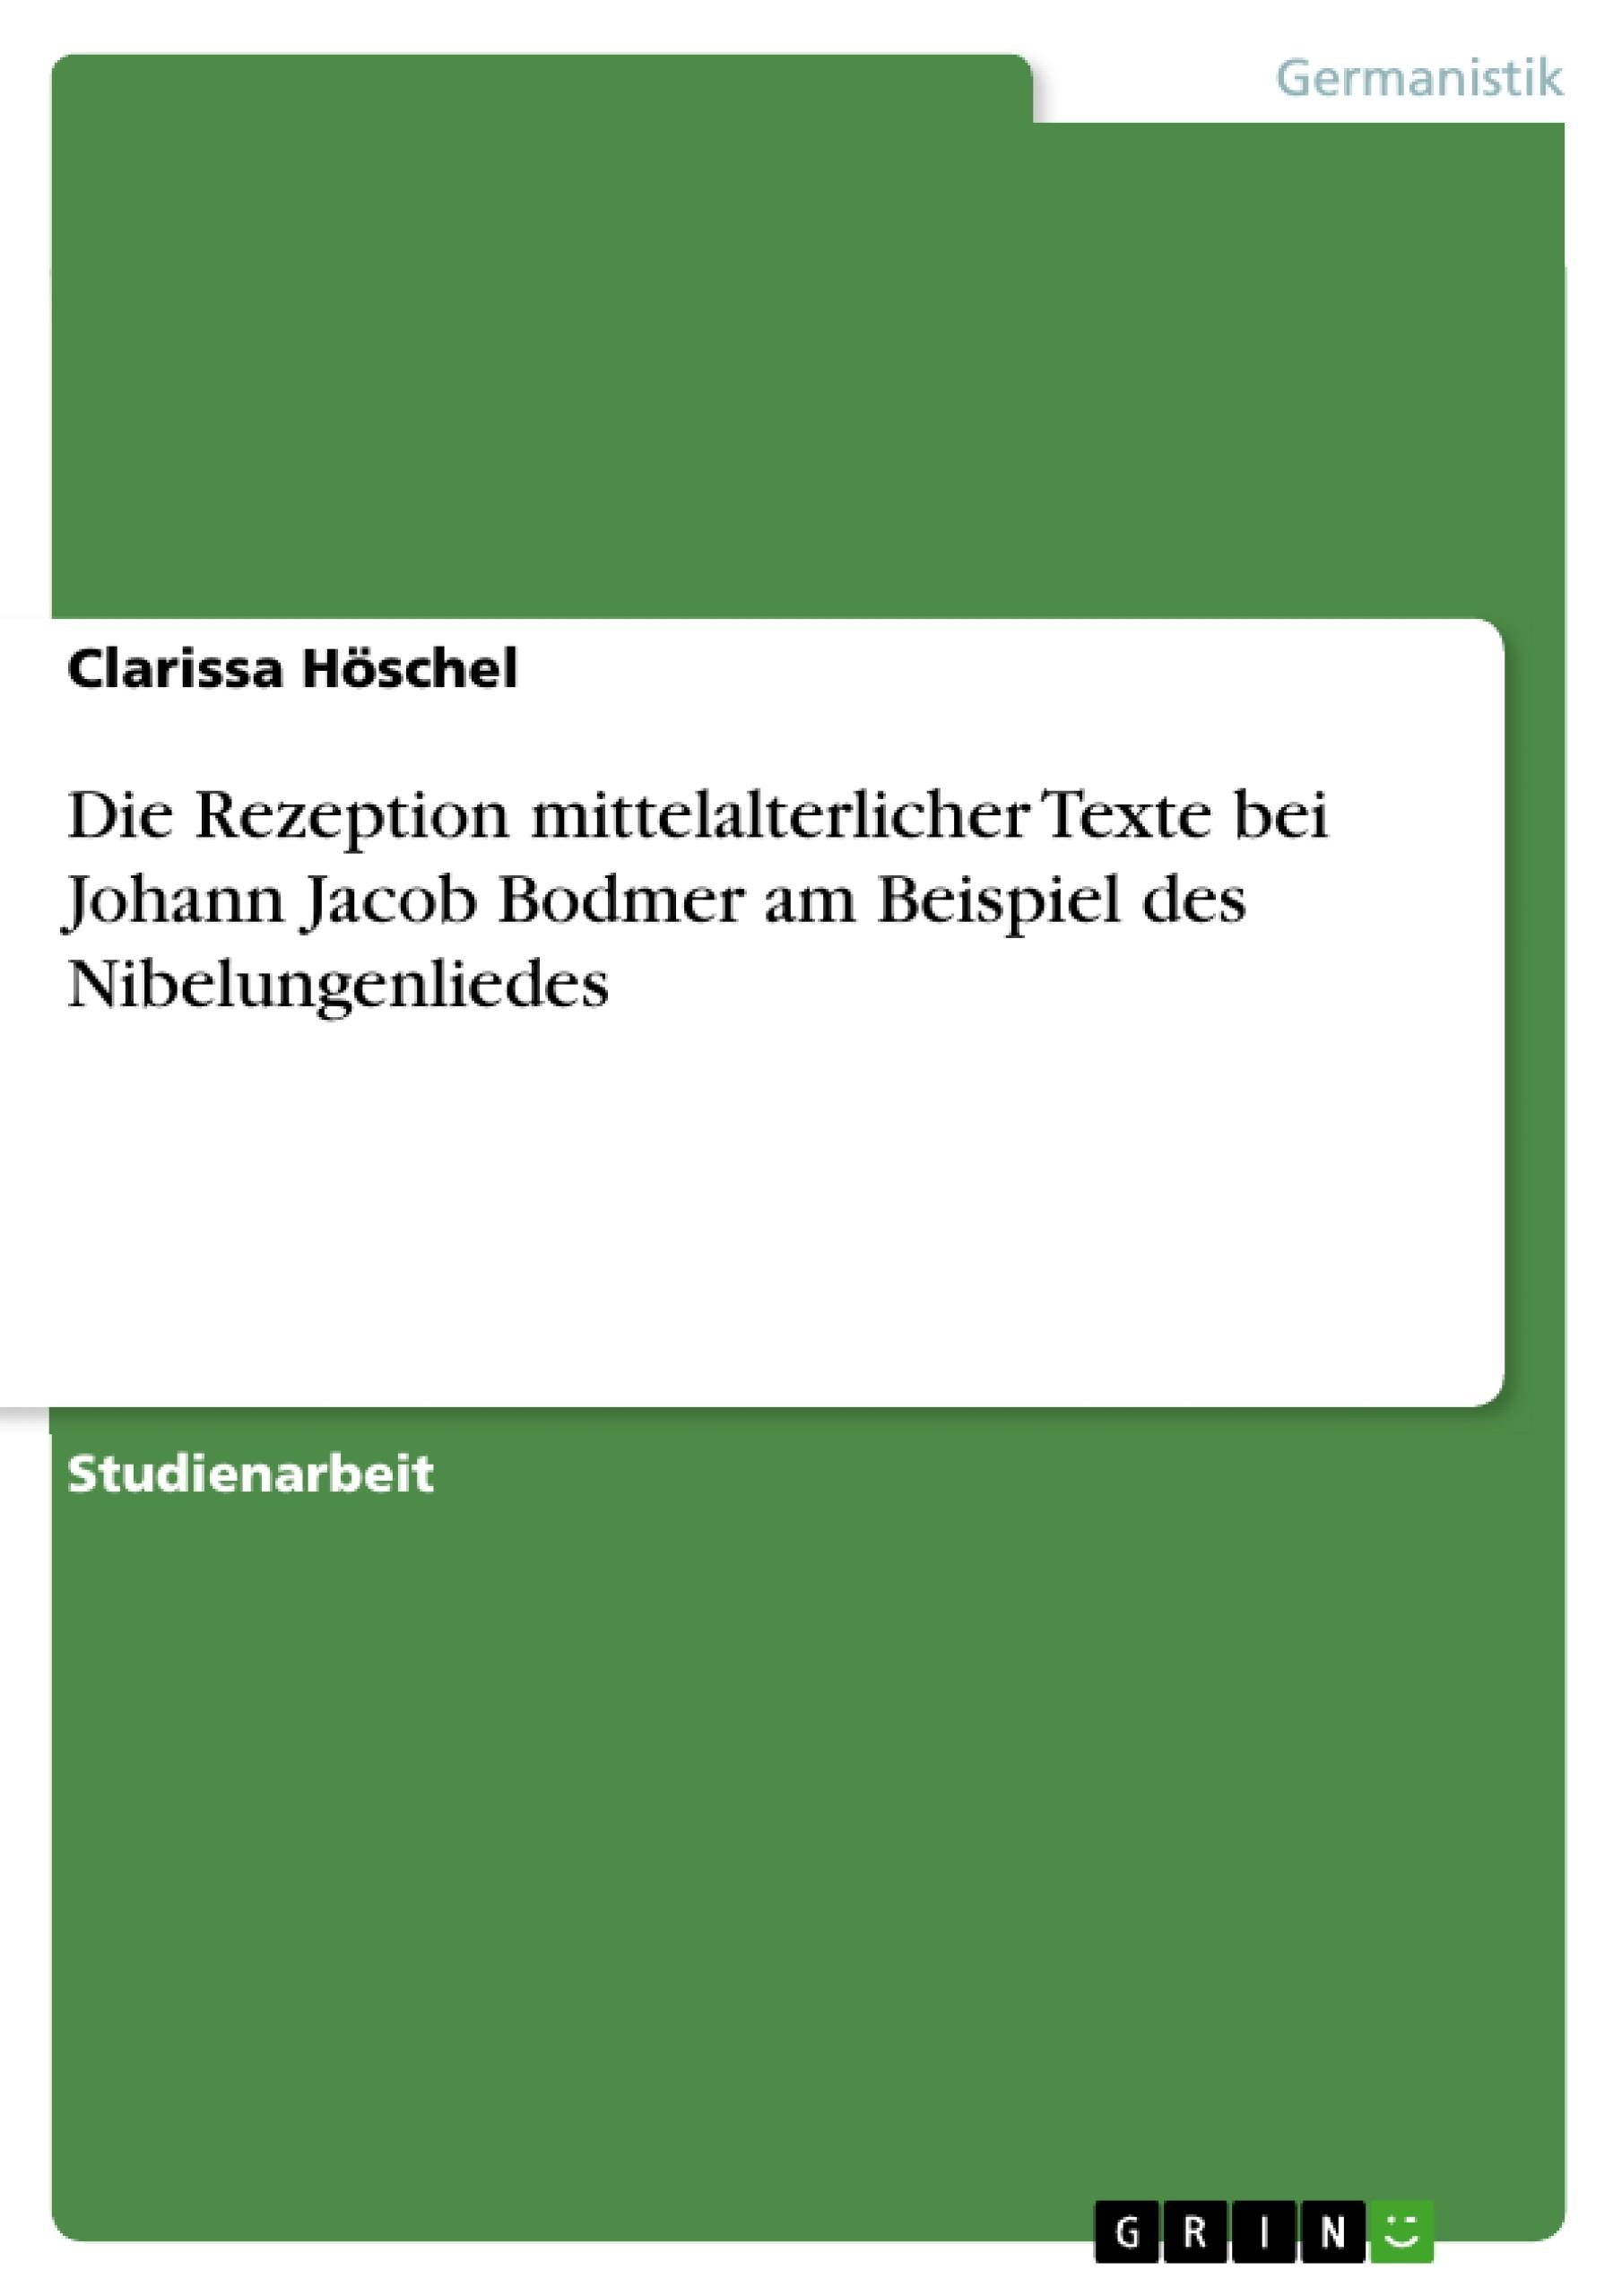 Titel: Die Rezeption mittelalterlicher Texte bei Johann Jacob Bodmer am Beispiel des Nibelungenliedes